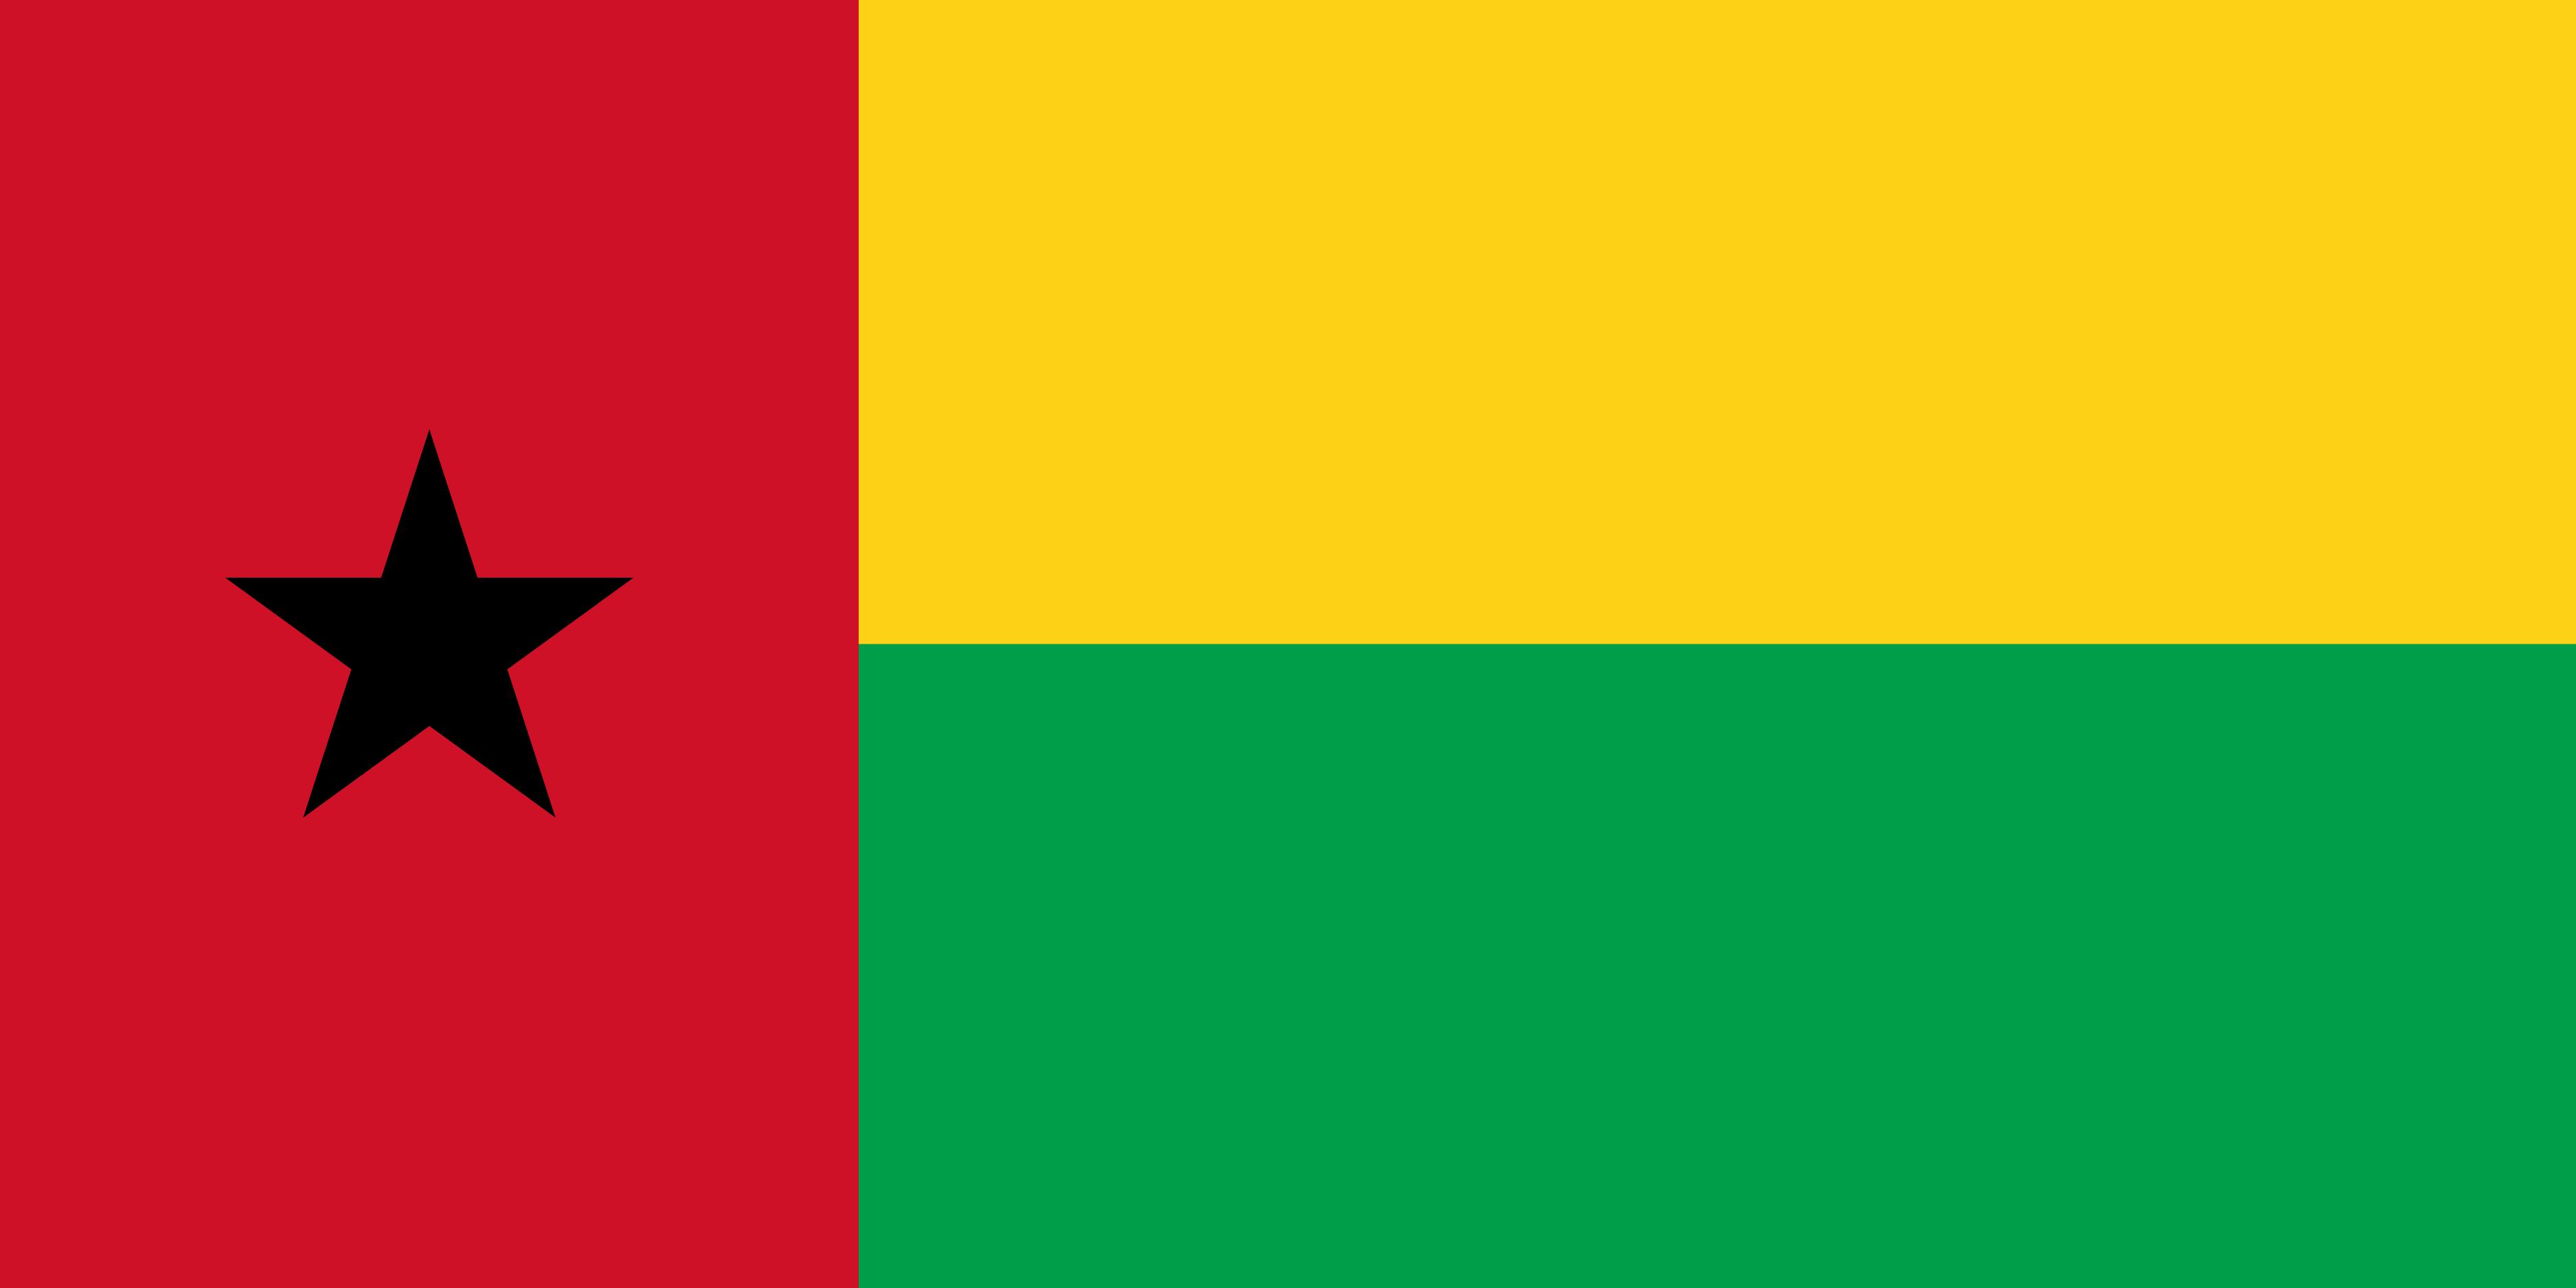 Guinea-Bissau Flag Image - Free Download